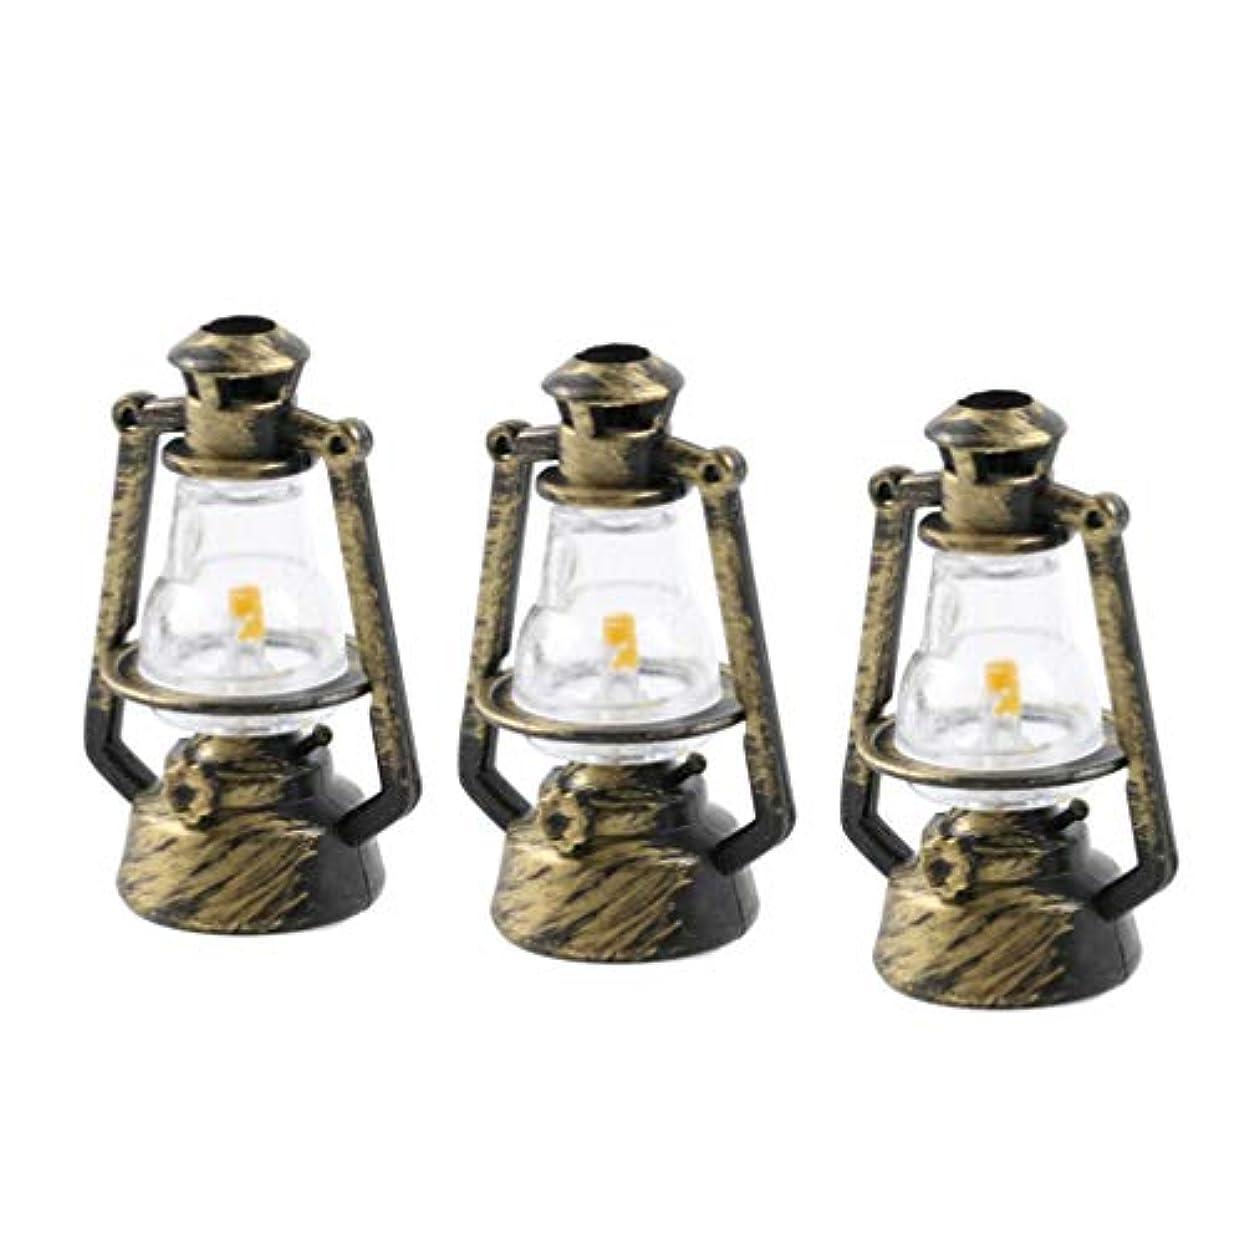 メタルライン制限された約束するHealifty オイルランタンデスクトップ装飾レトロ灯油ランプ用ホーム寝室の装飾写真撮影の小道具6ピース